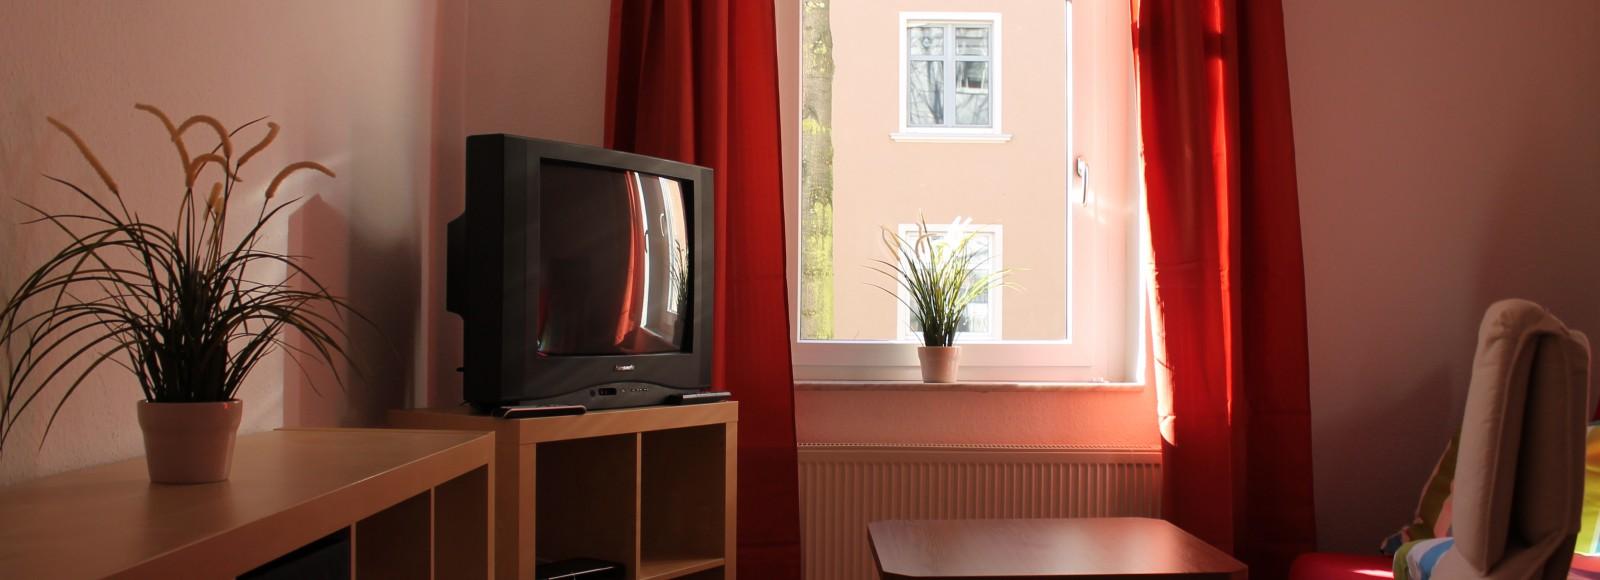 zimmervermietung bernburg zimmer in bernburg und umgebung. Black Bedroom Furniture Sets. Home Design Ideas